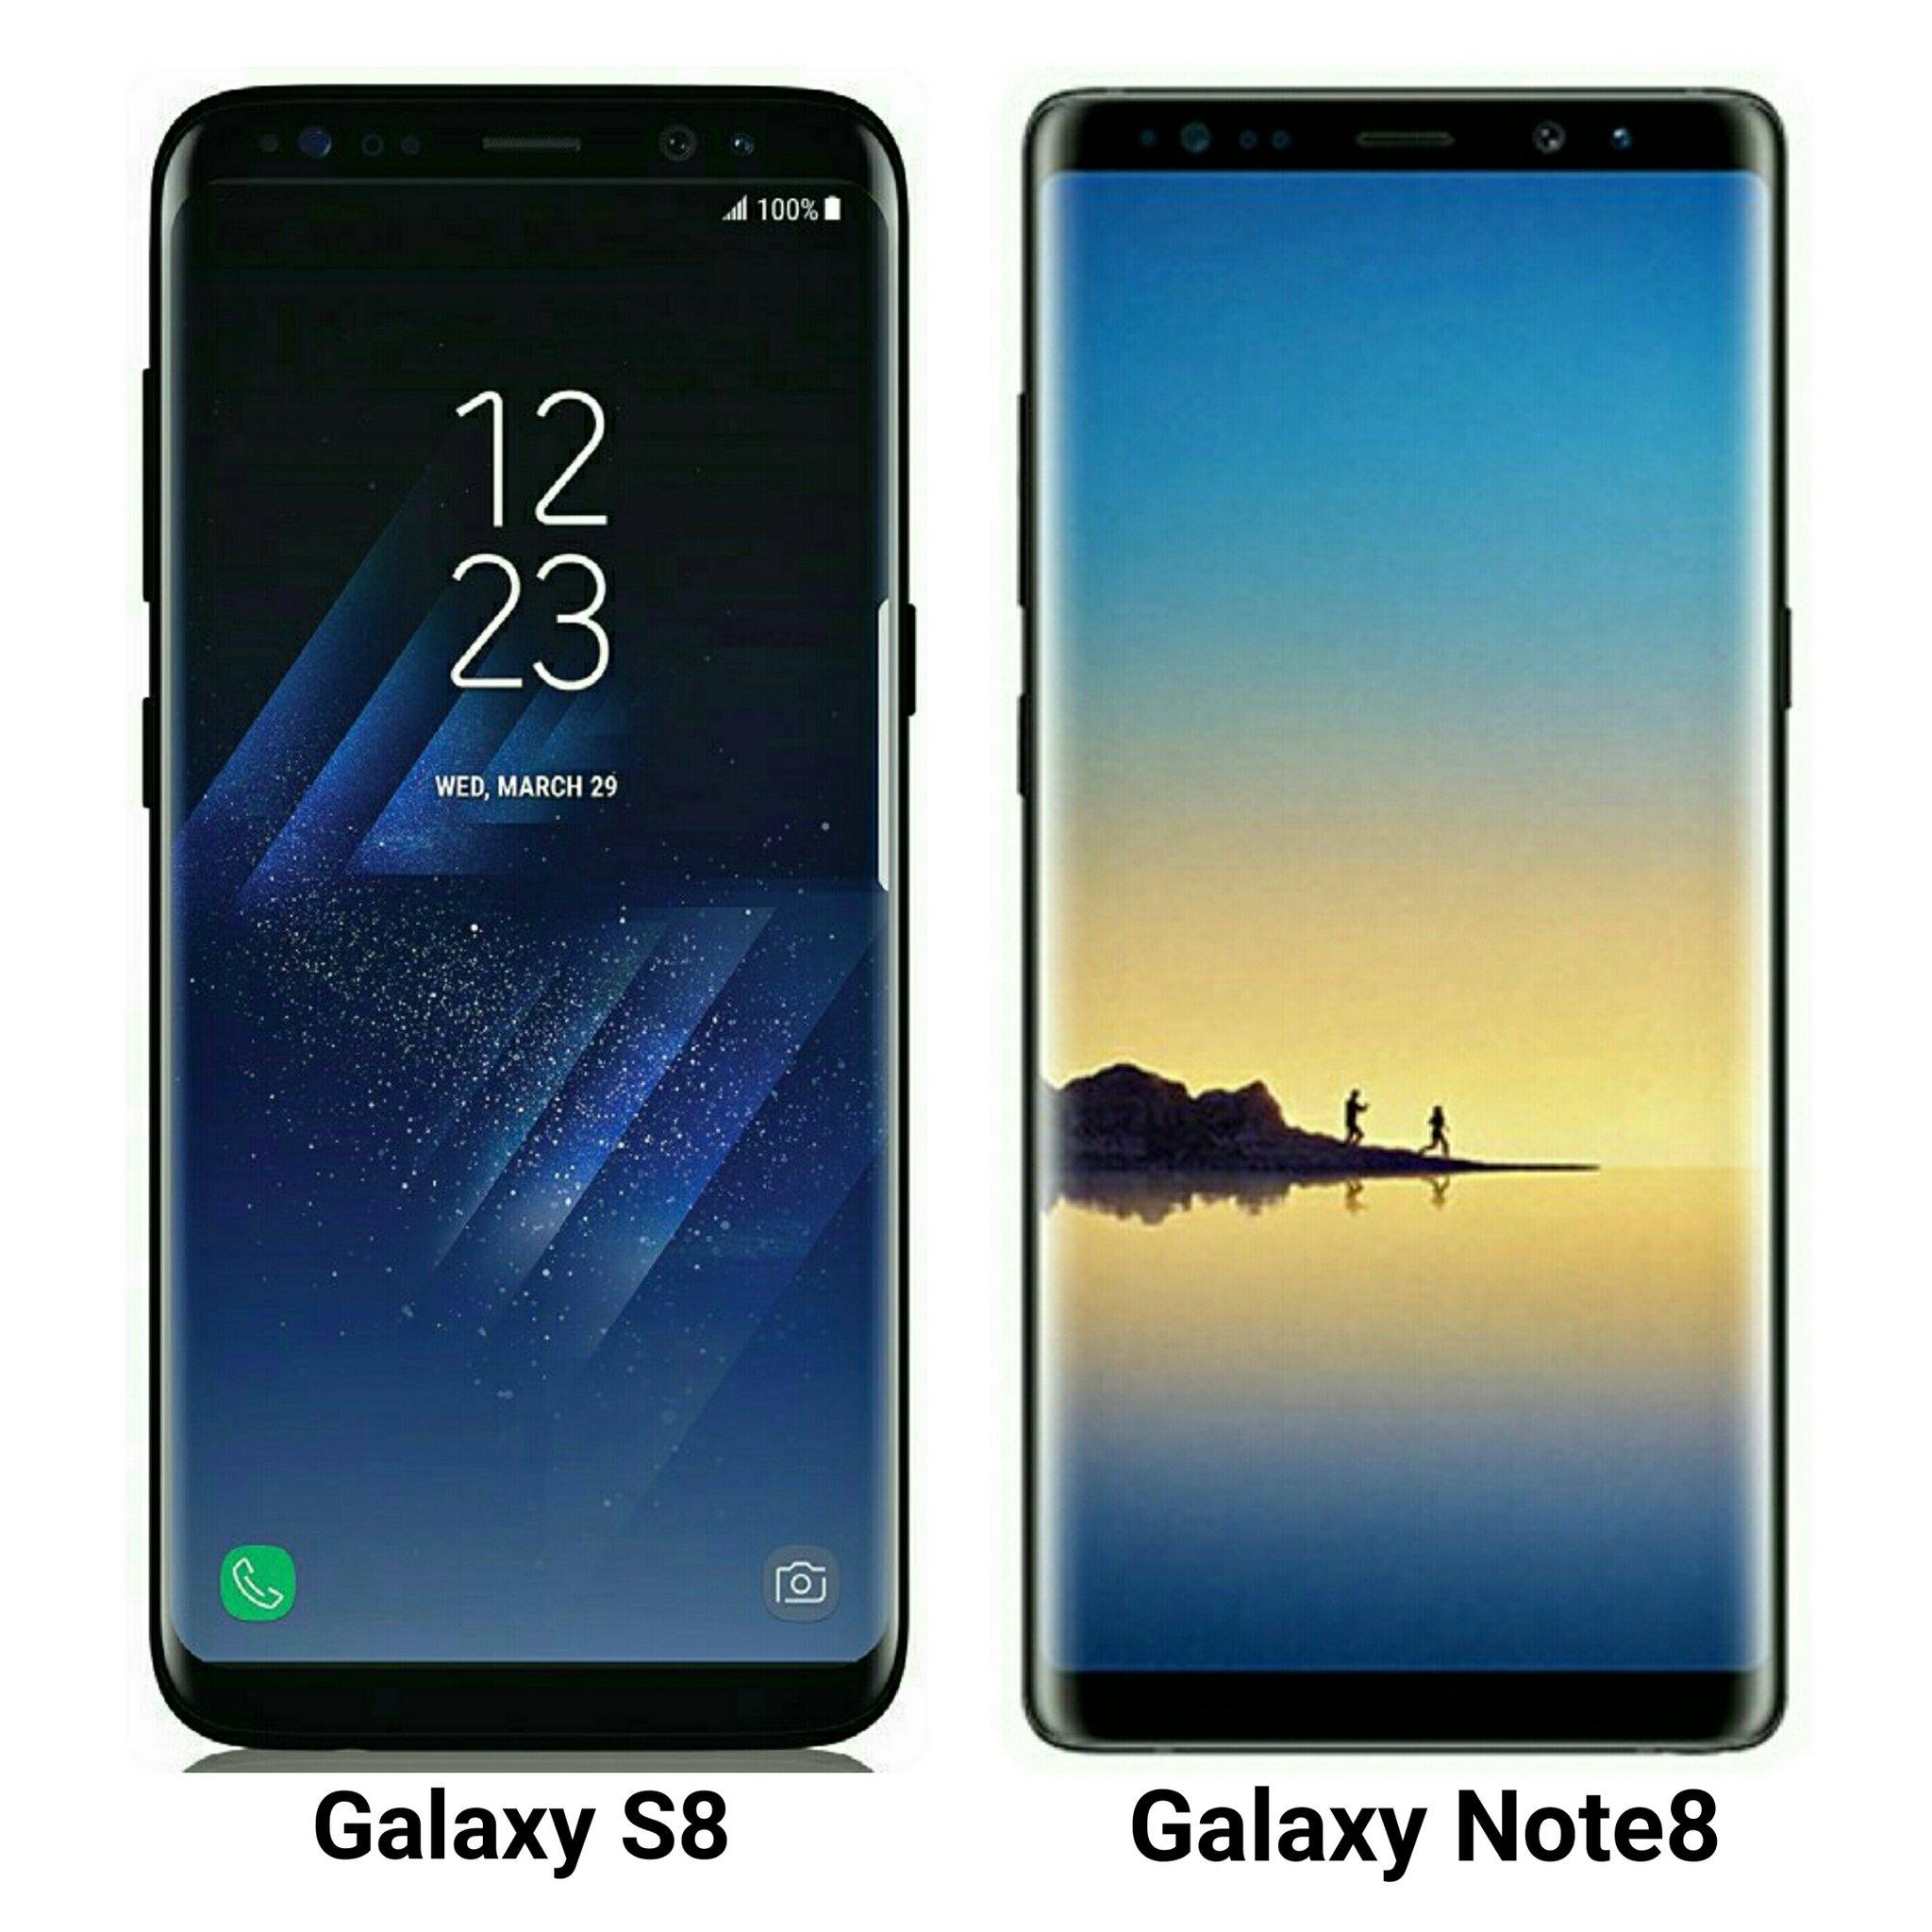 Эван Блэсс опубликовал официальные изображения Samsung Galaxy Note 8 со сдвоенной основной камерой и расположенным вплотную к ней дактилоскопом